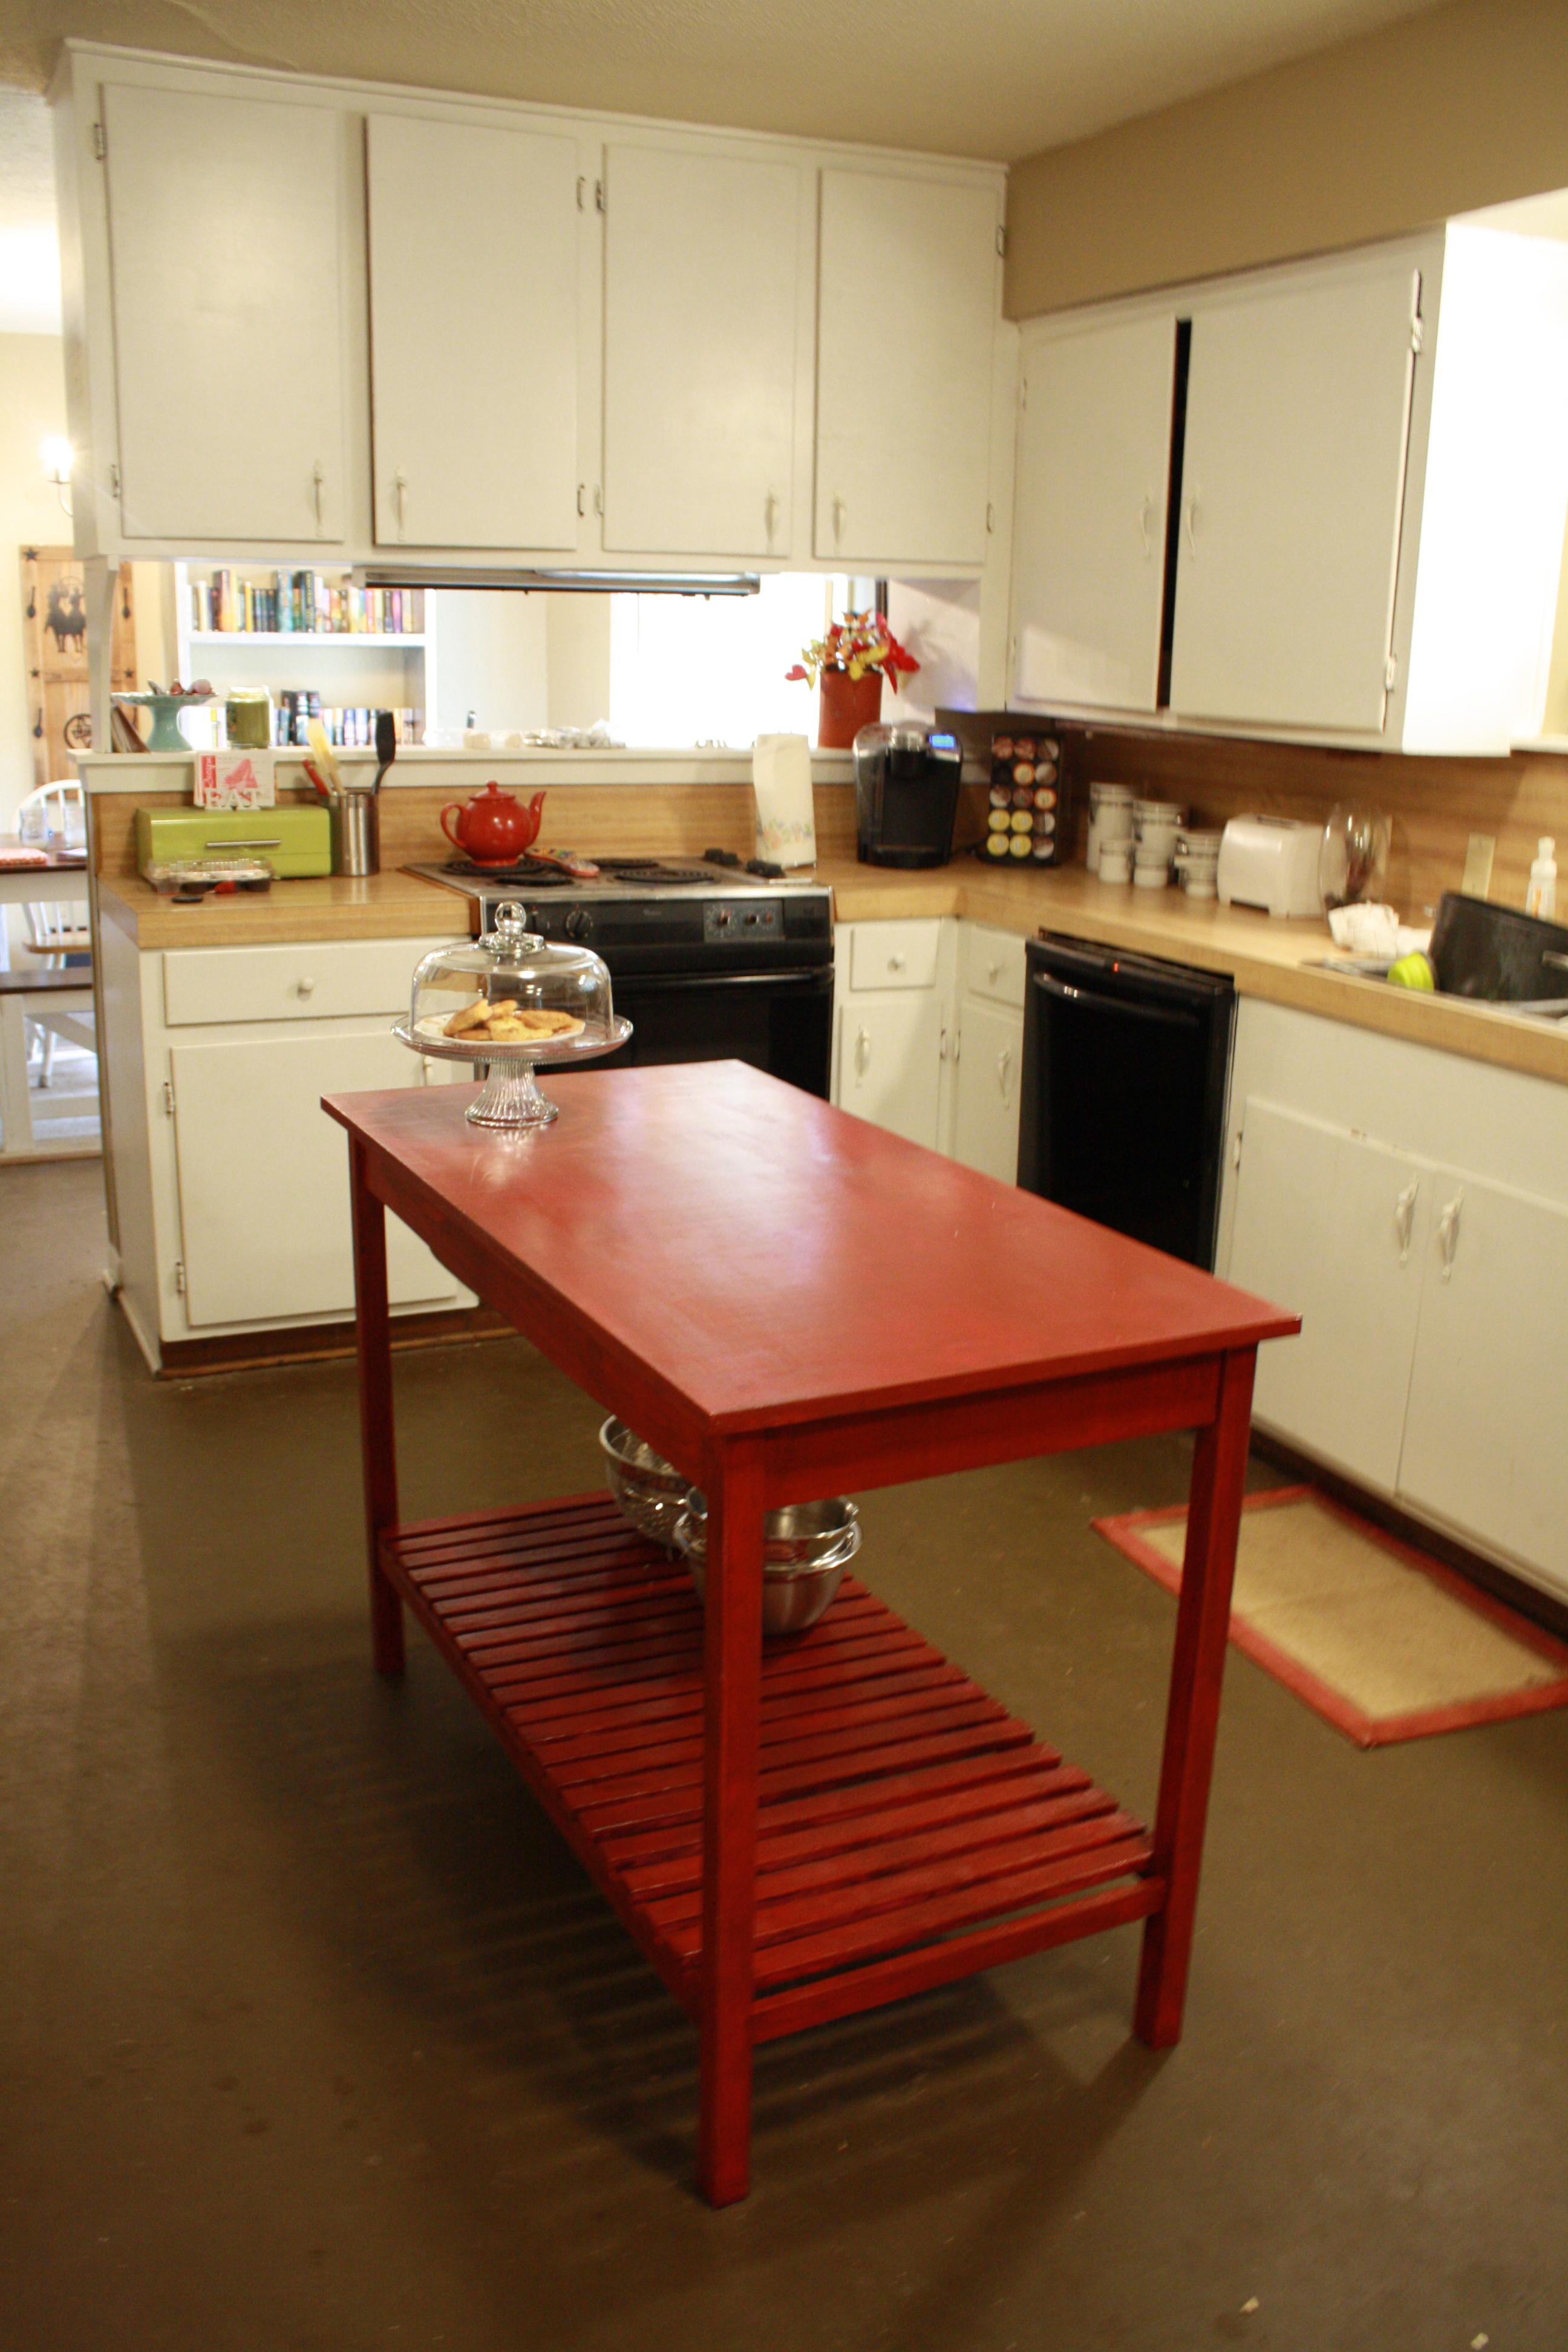 diy kitchen islands kitchen islands ideas Red slatted bottom DIY kitchen island